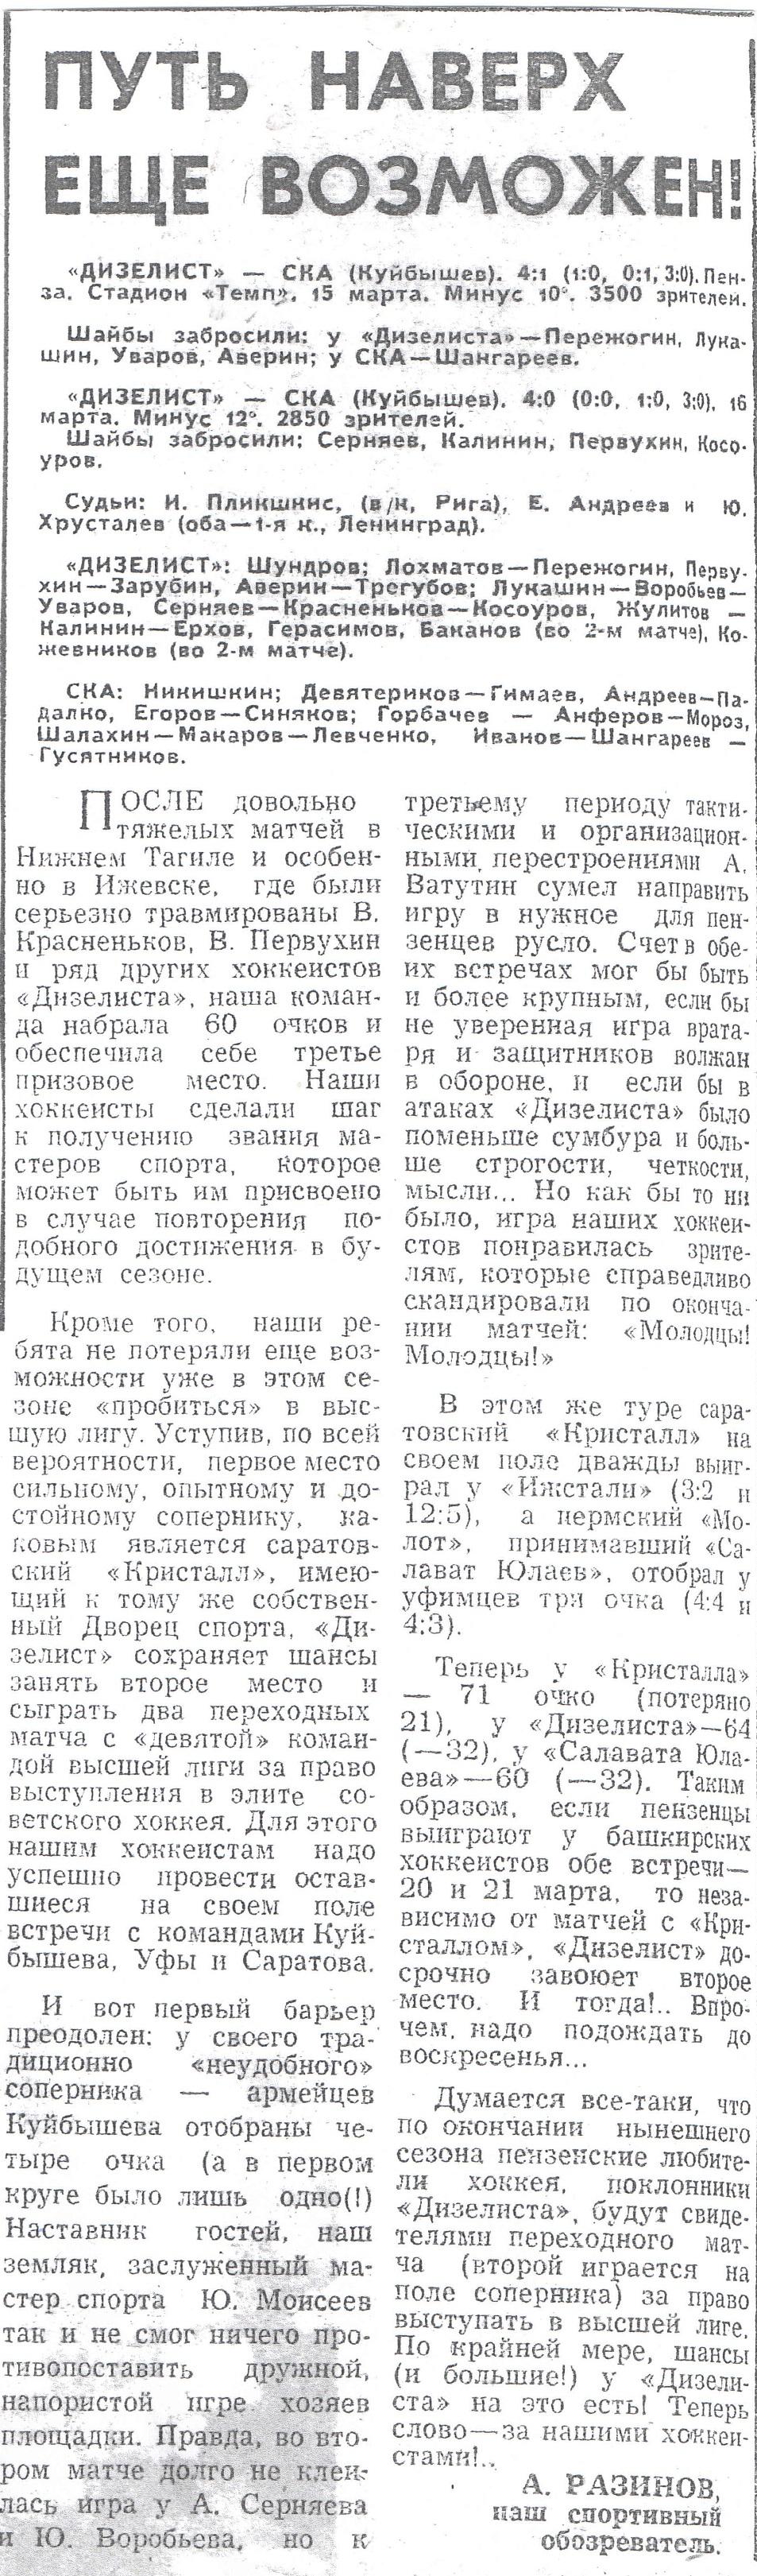 1976-3-15 (16).jpg